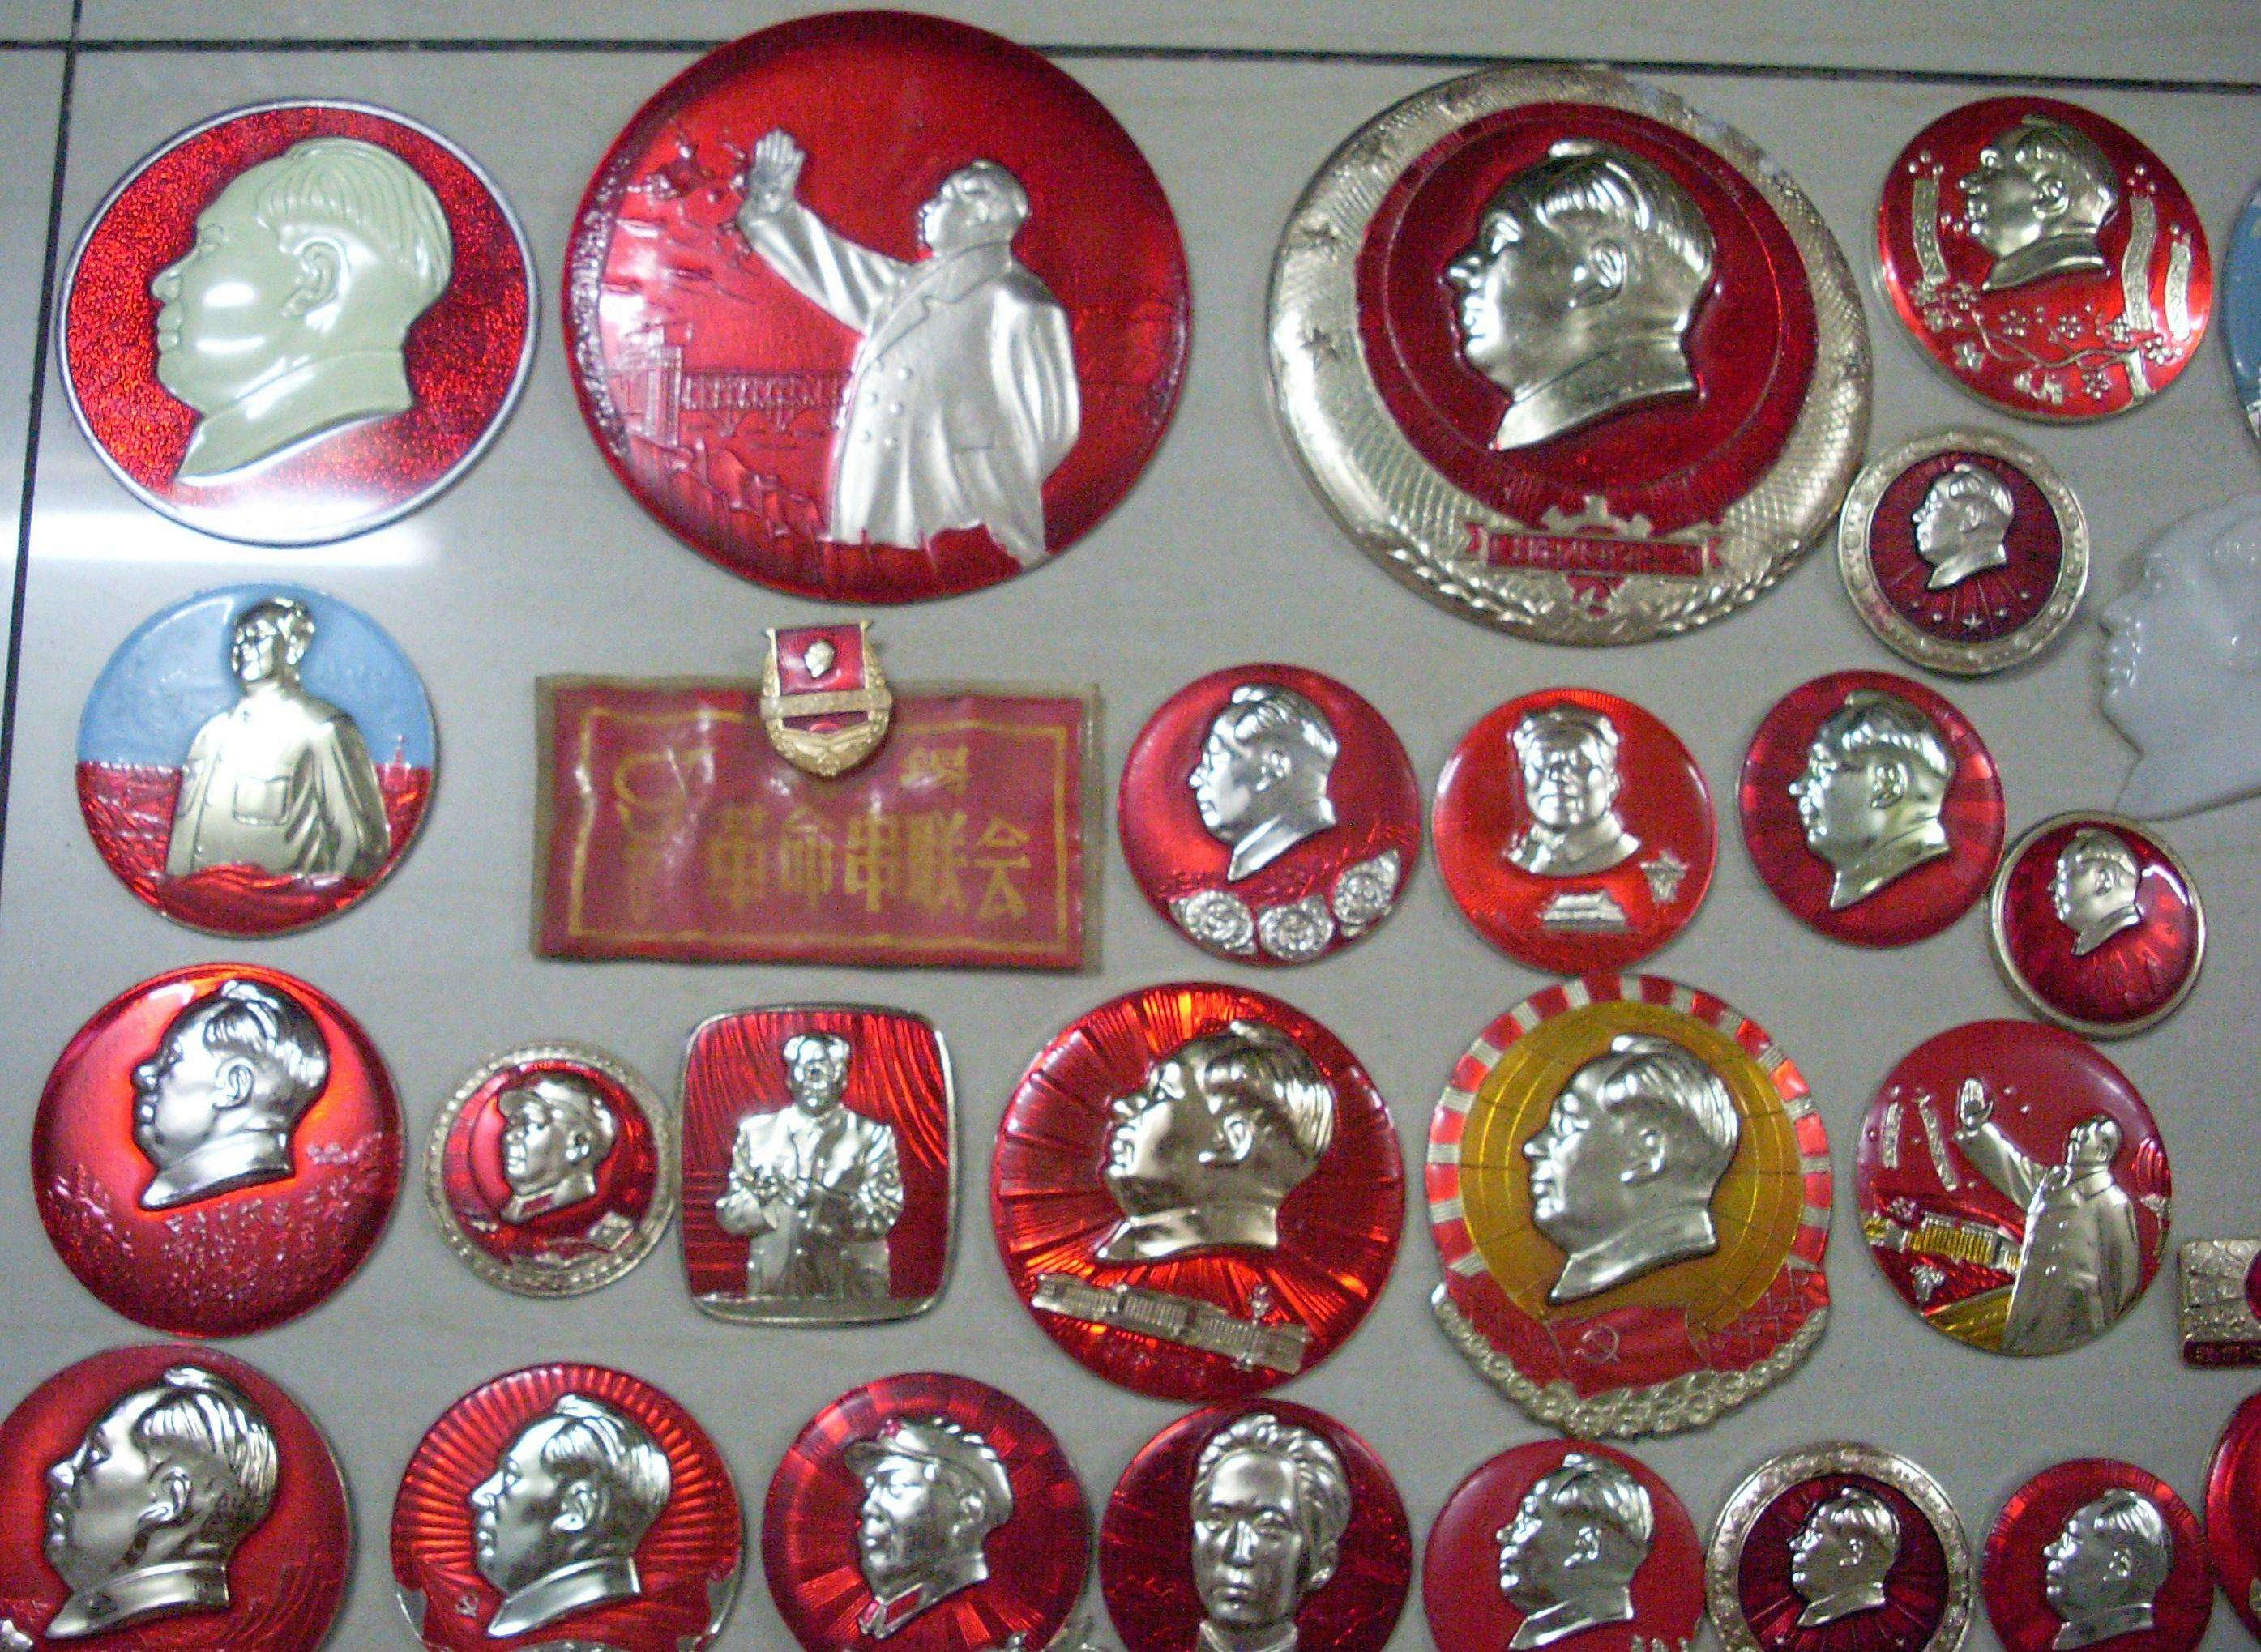 民间红色收藏家藏品印刻着时代烙印 梦想建立红色文化收藏馆